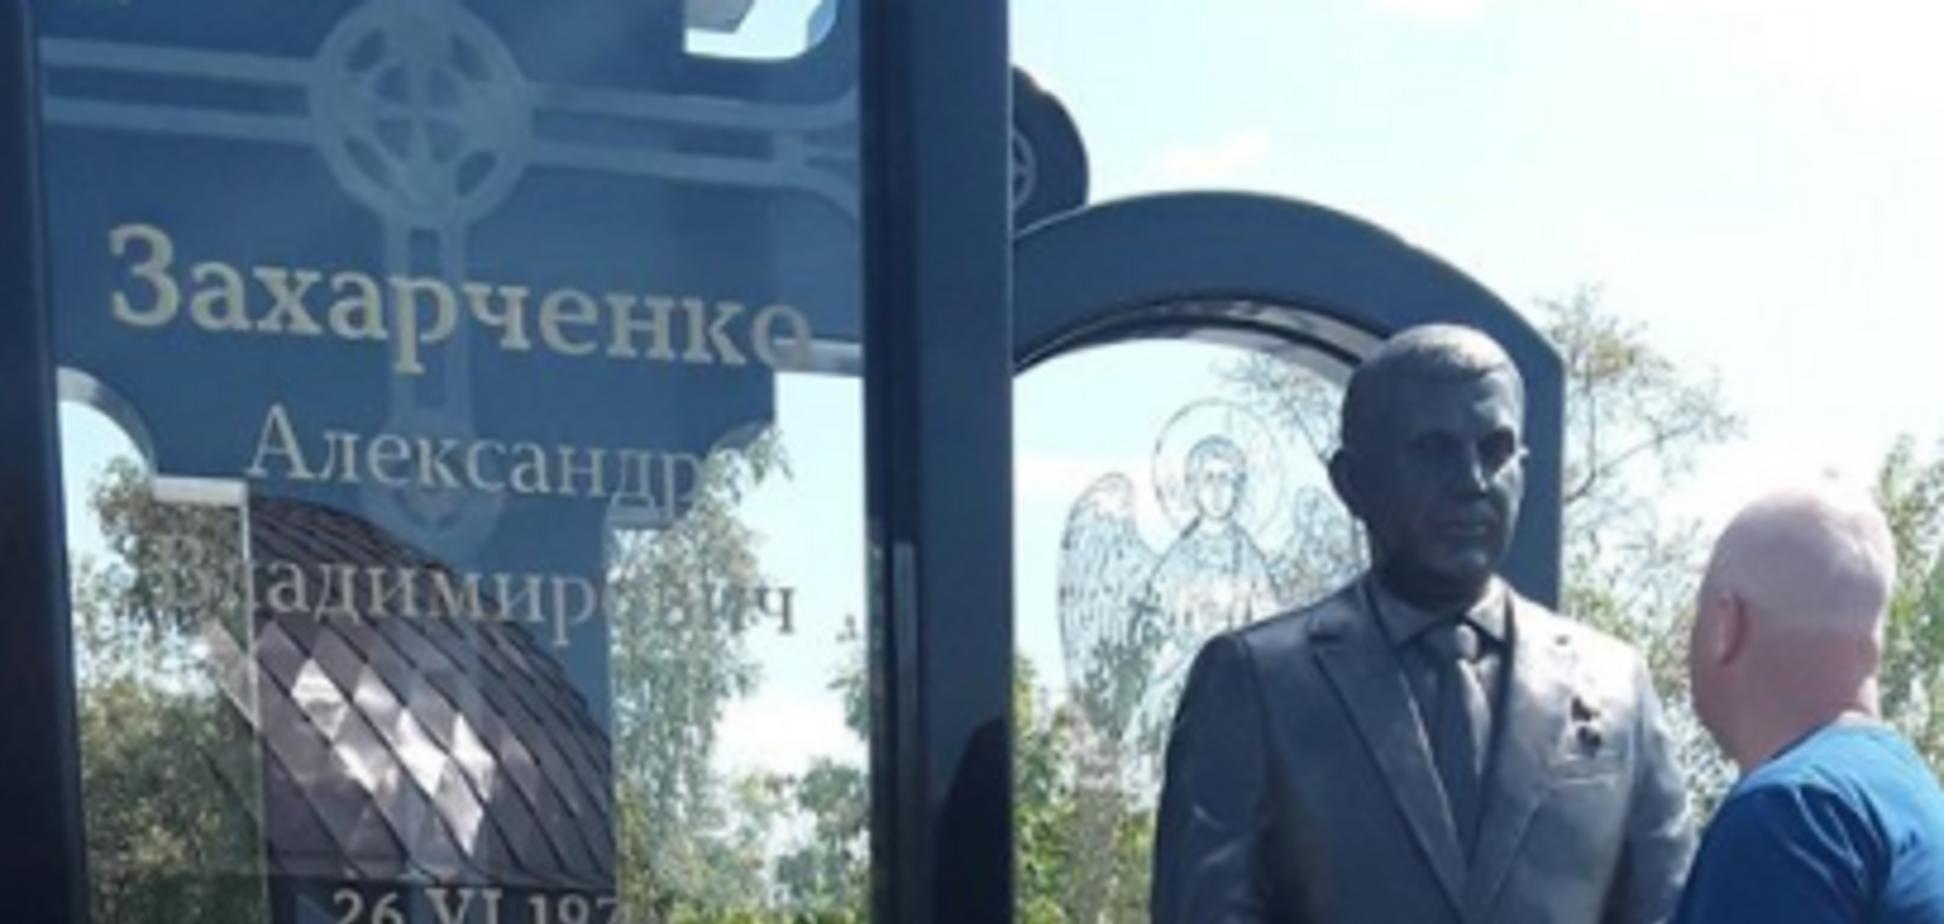 'Придется сносить': памятник Захарченко в Донецке вызвал ажиотаж в сети. Фото